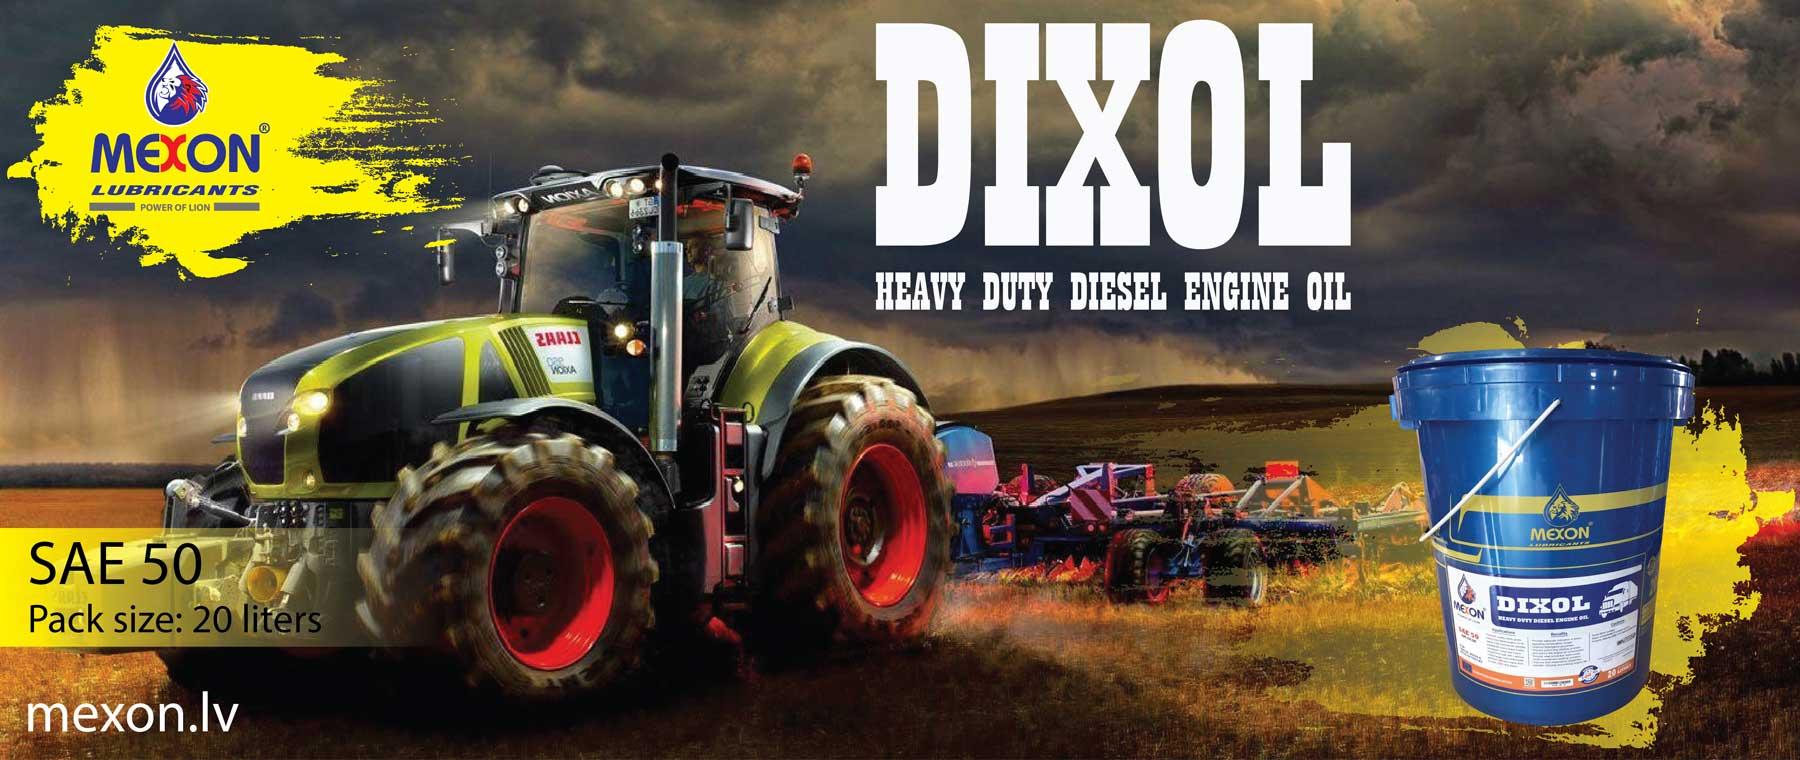 Mexon Dixol